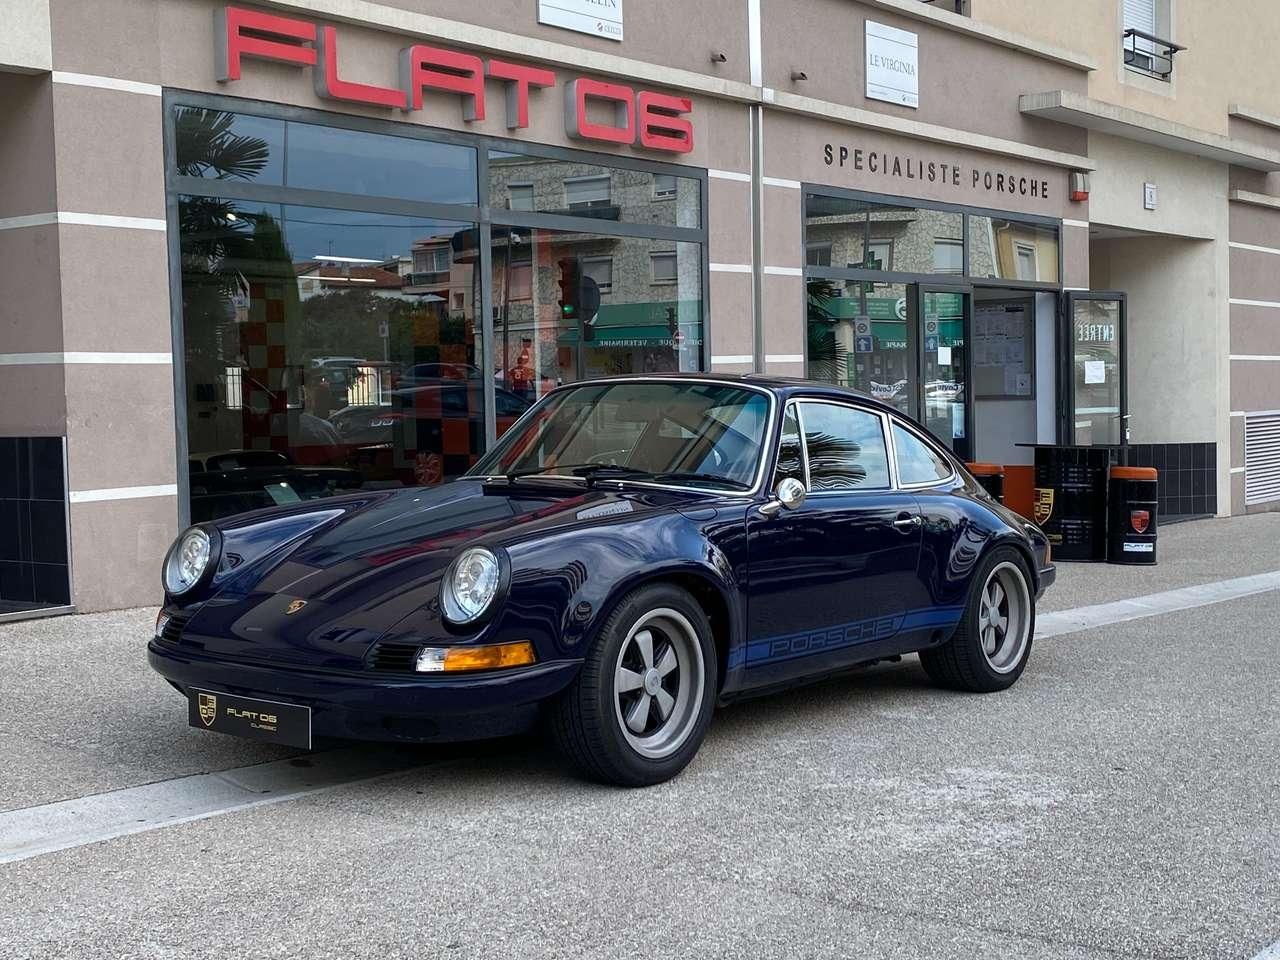 PORSCHE 911 'BACKDATING' Coupé / Sport Car 08/1980